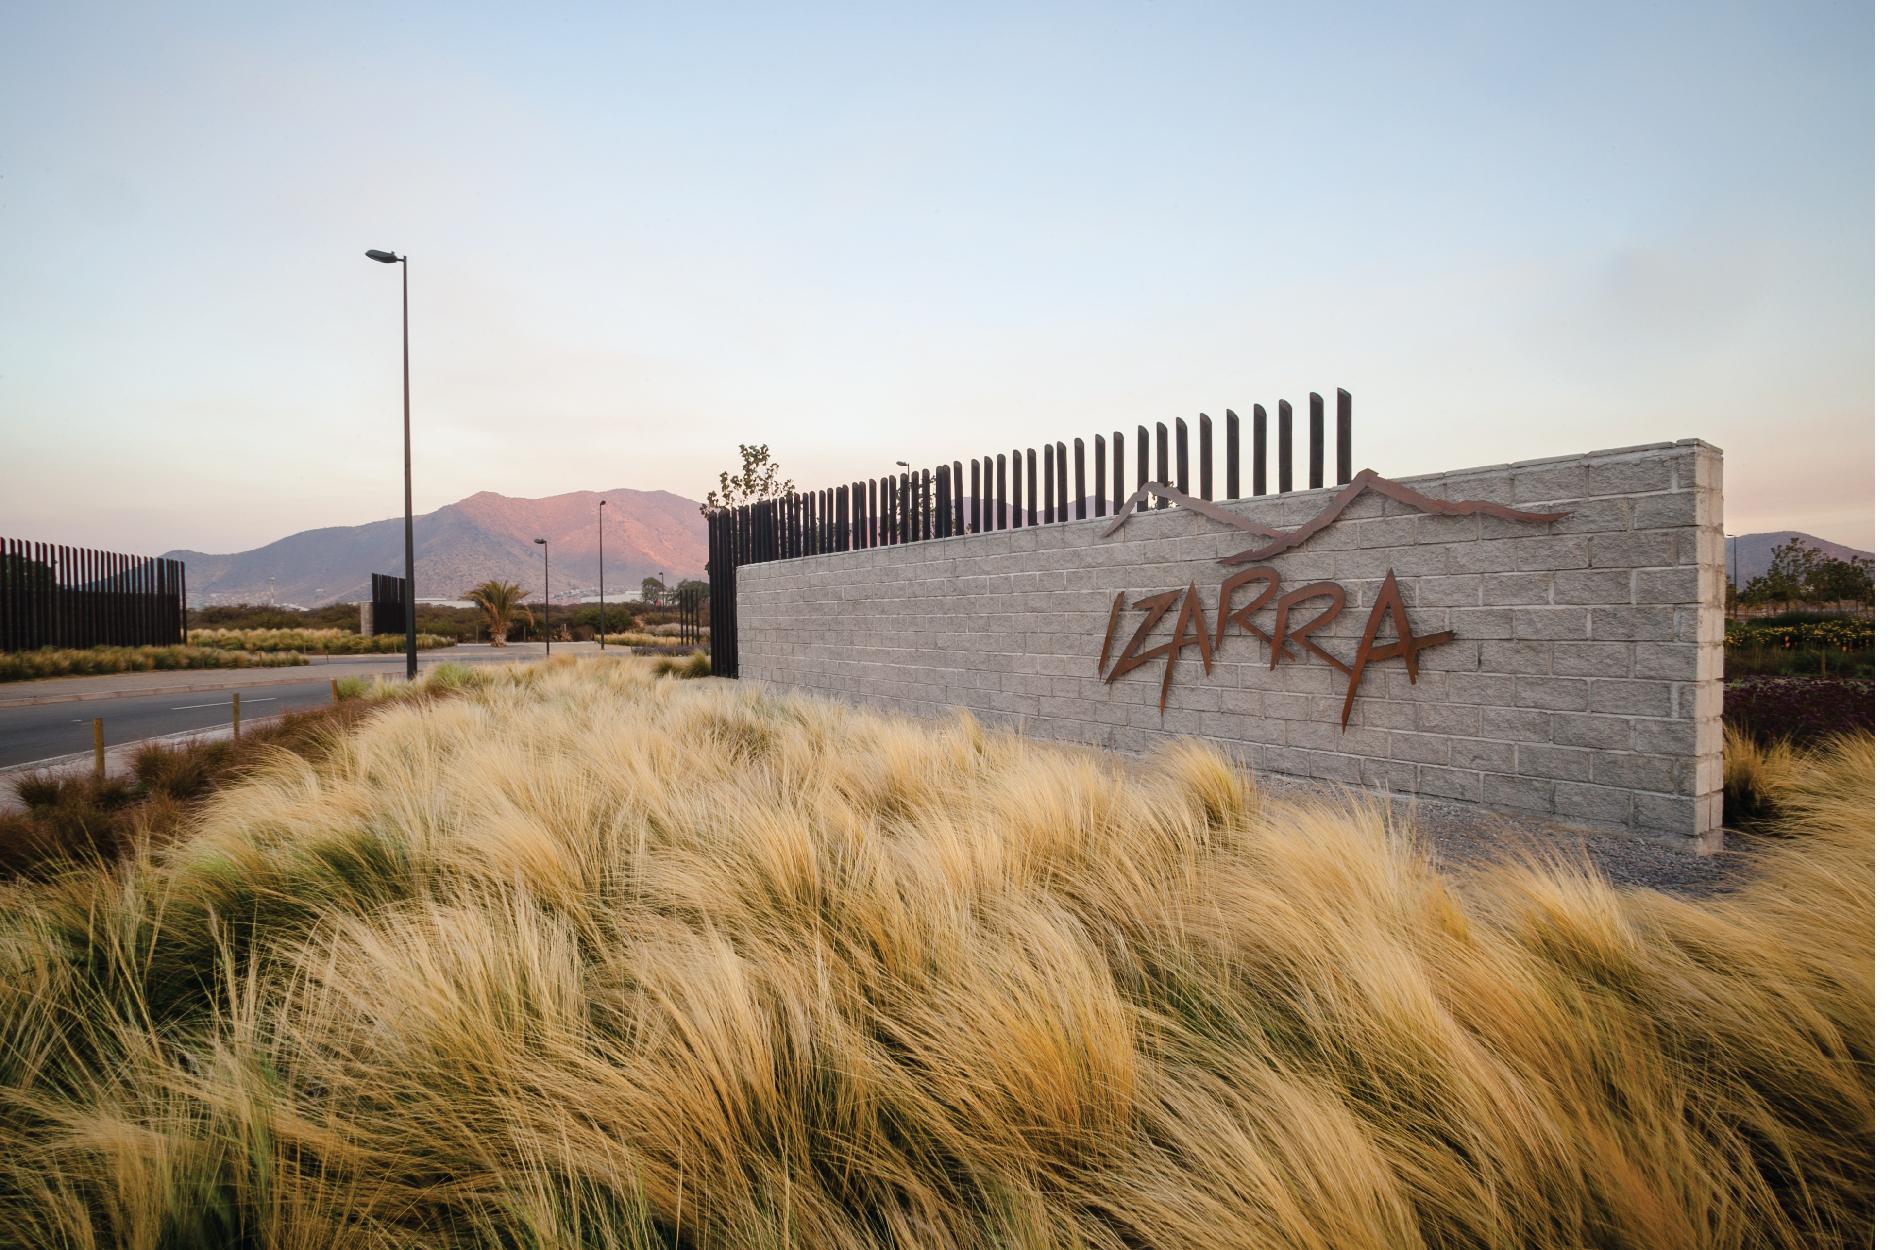 Formato Panoramico IZARRA DE LO AGUIRRE-06.jpg